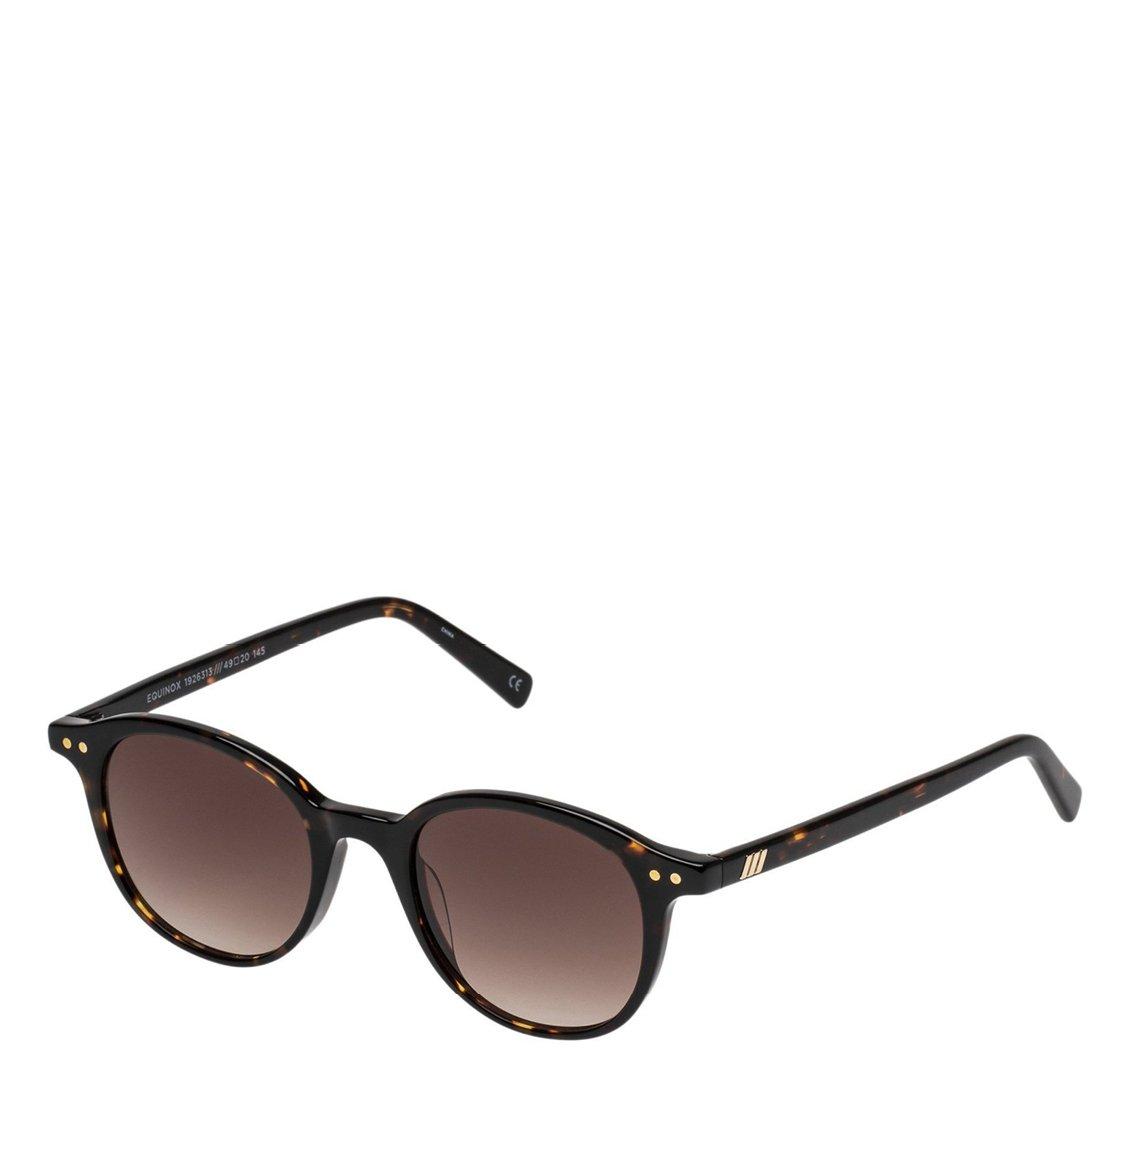 Le Specs Round Tortoise Γυαλιά Ηλίου